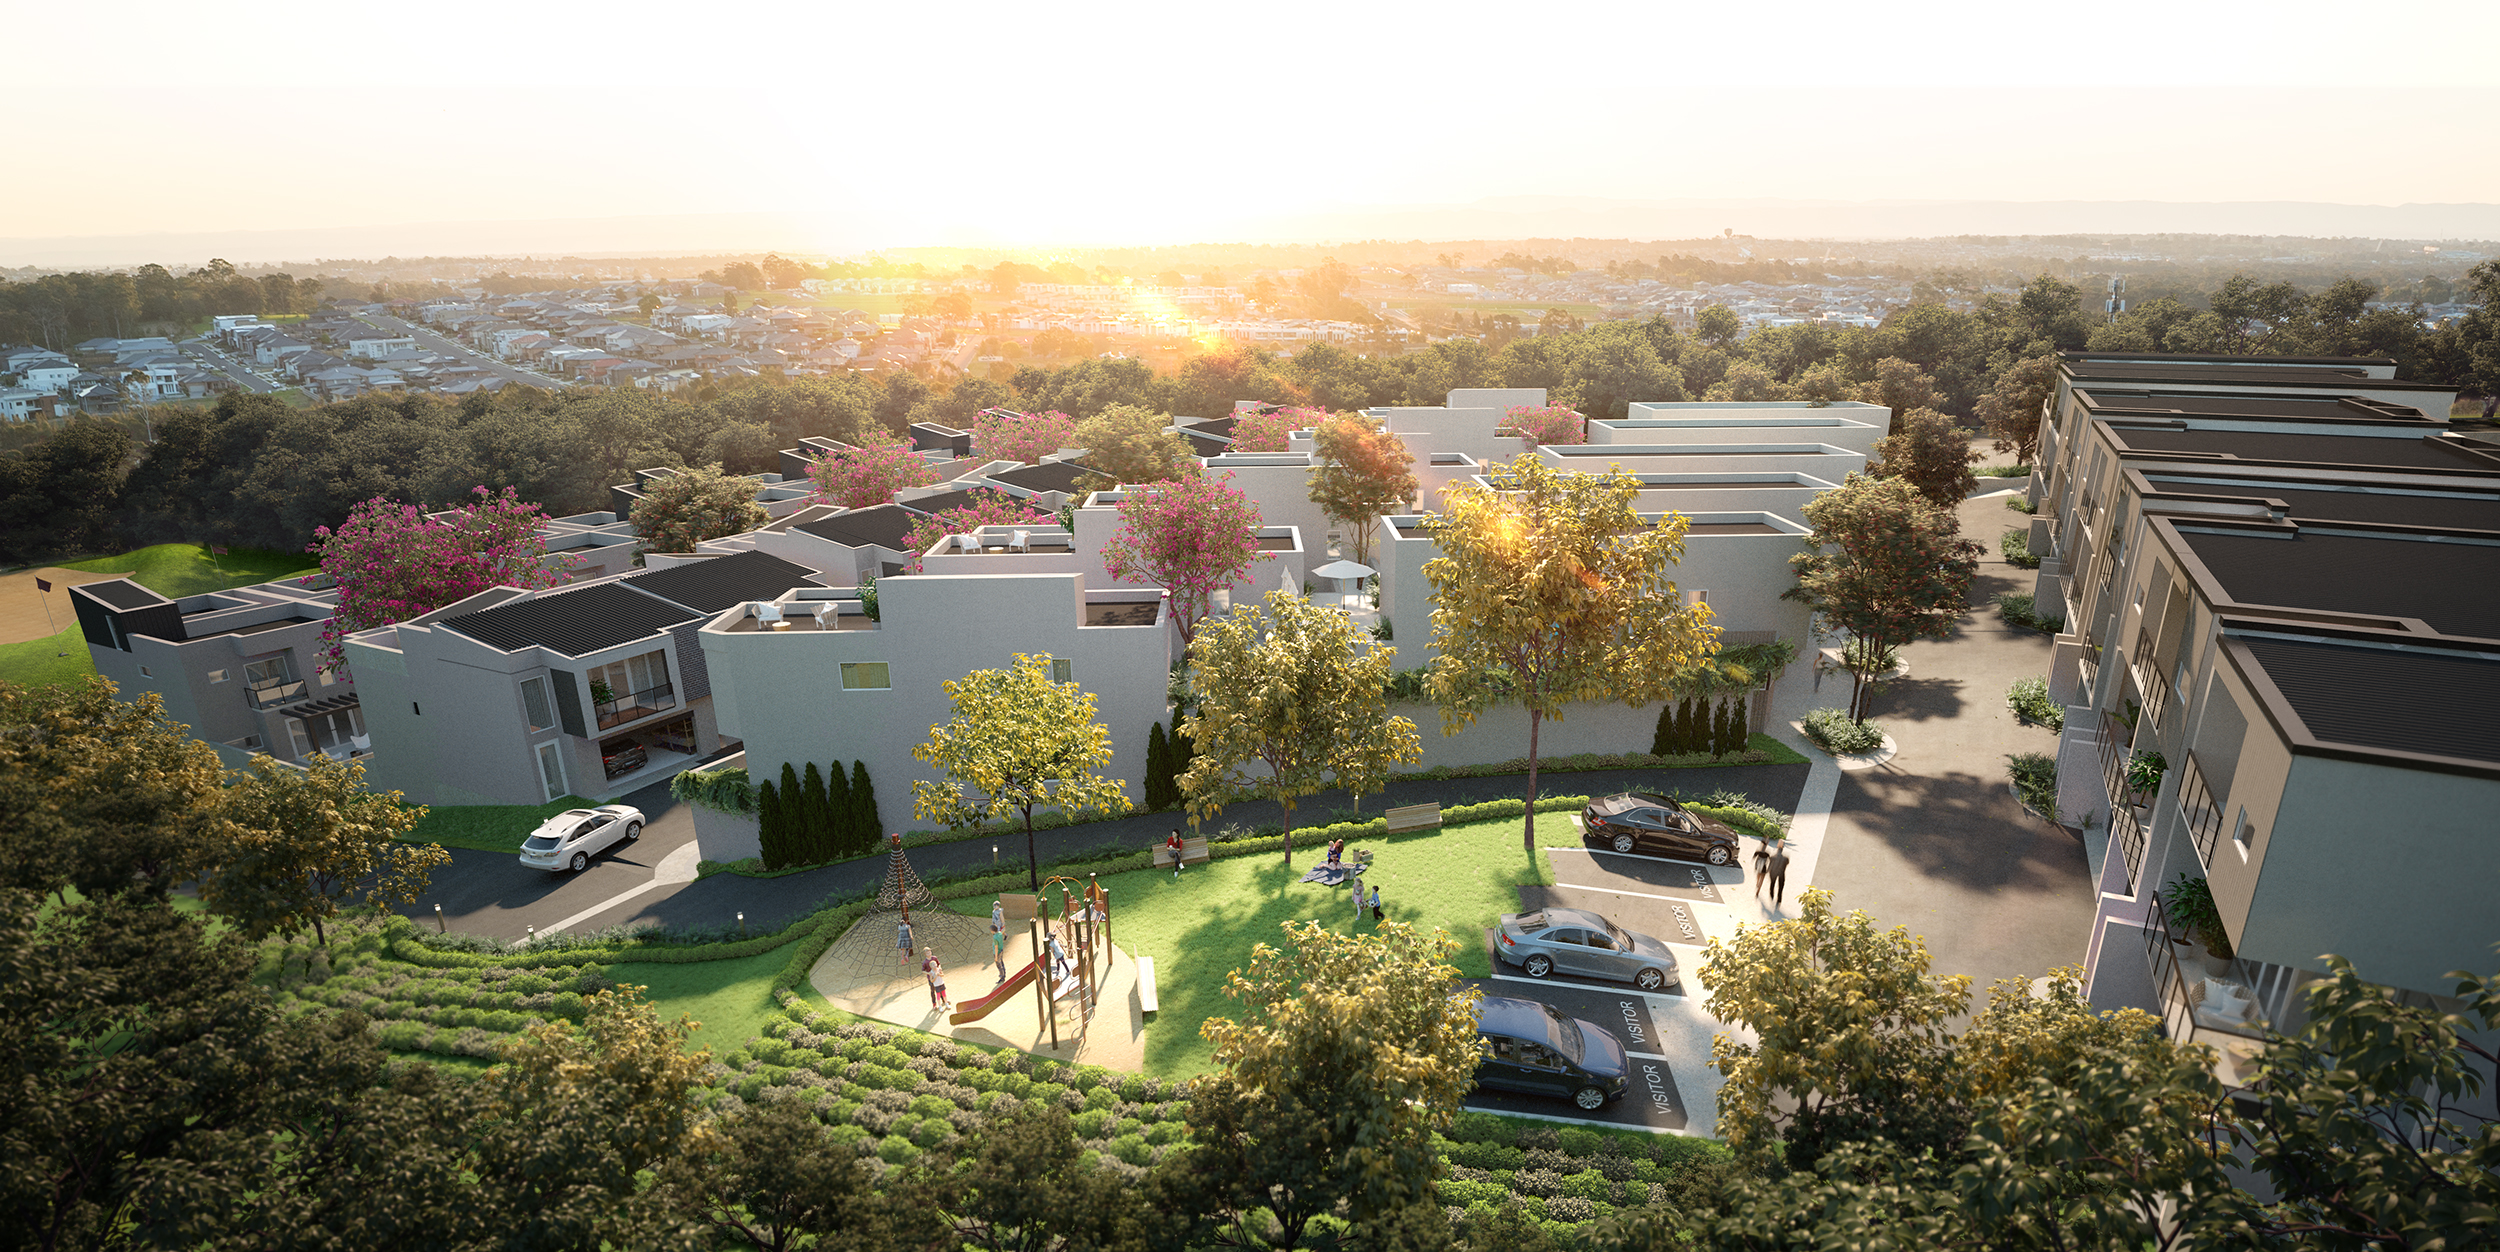 Baulkham Hills, Apartments  Landscape Architectural Design